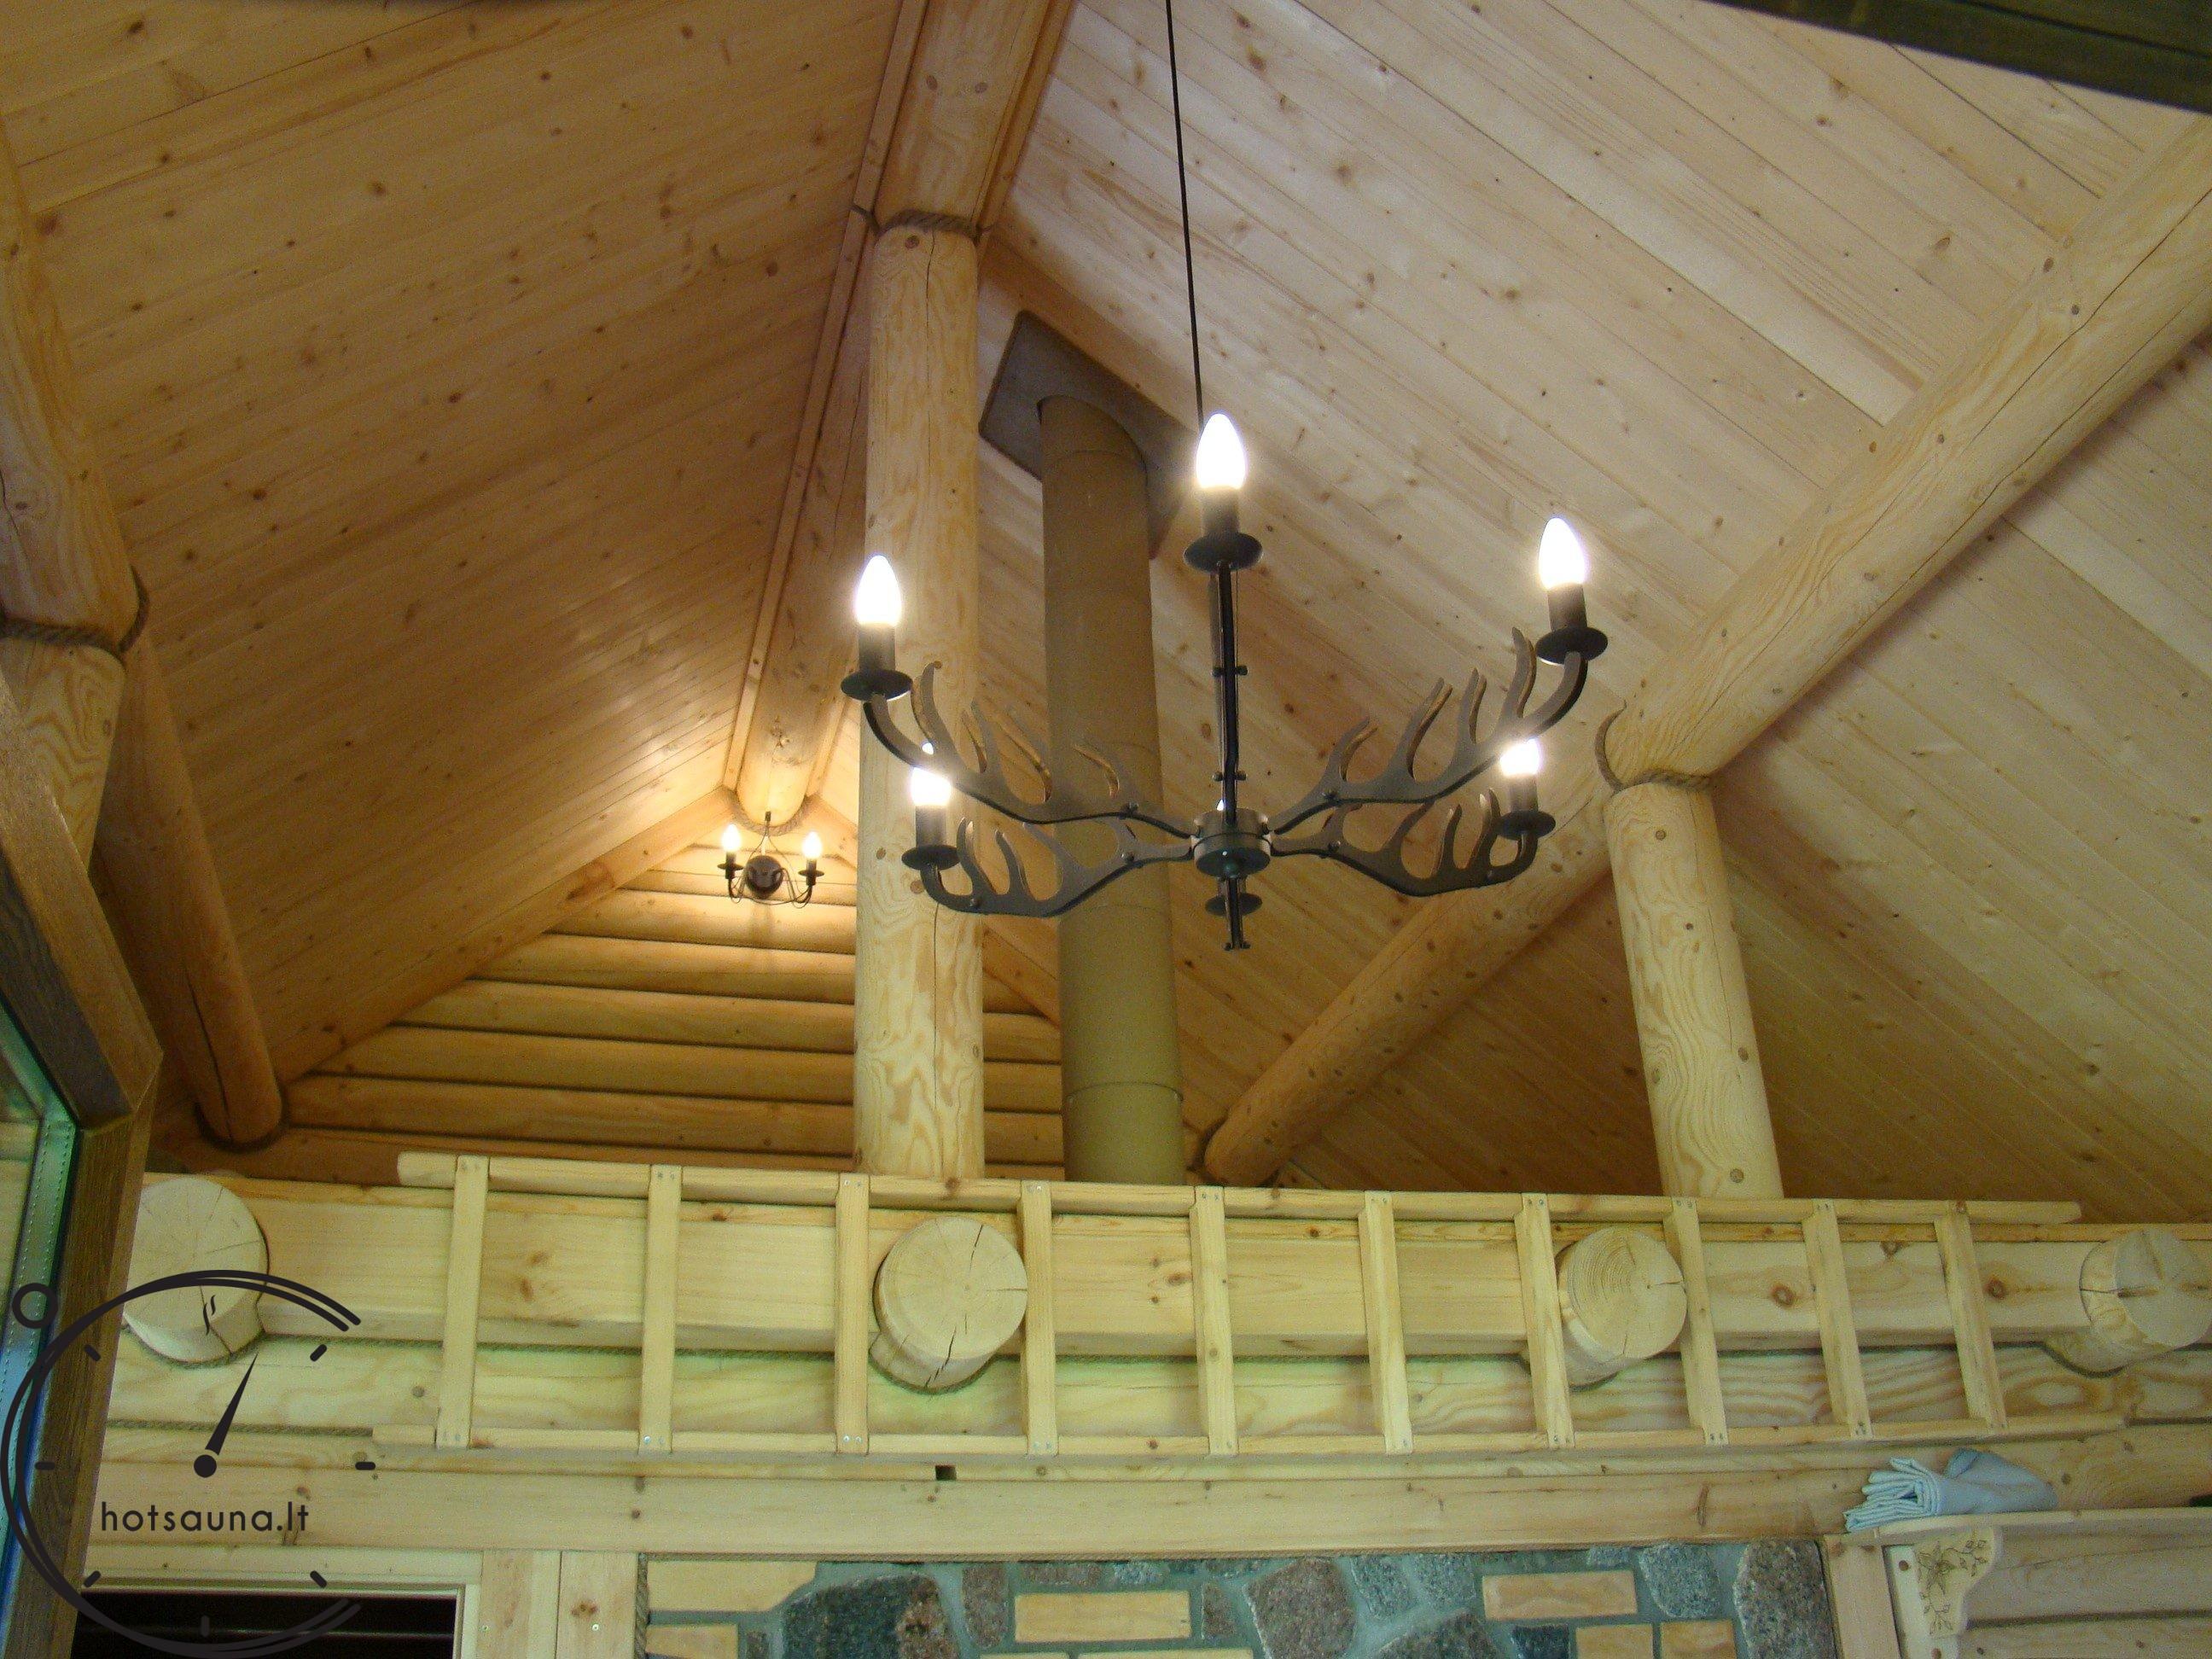 sauna build Log Homes Plane Bauherren Saunen Pavillons Gartenhauser Holz Landschafts Elemente Hauser rauchen Kinderspielplatzeiksteles Badern Saunen Bad-Komplex Bad dzekuzi Bader Saunen (3)